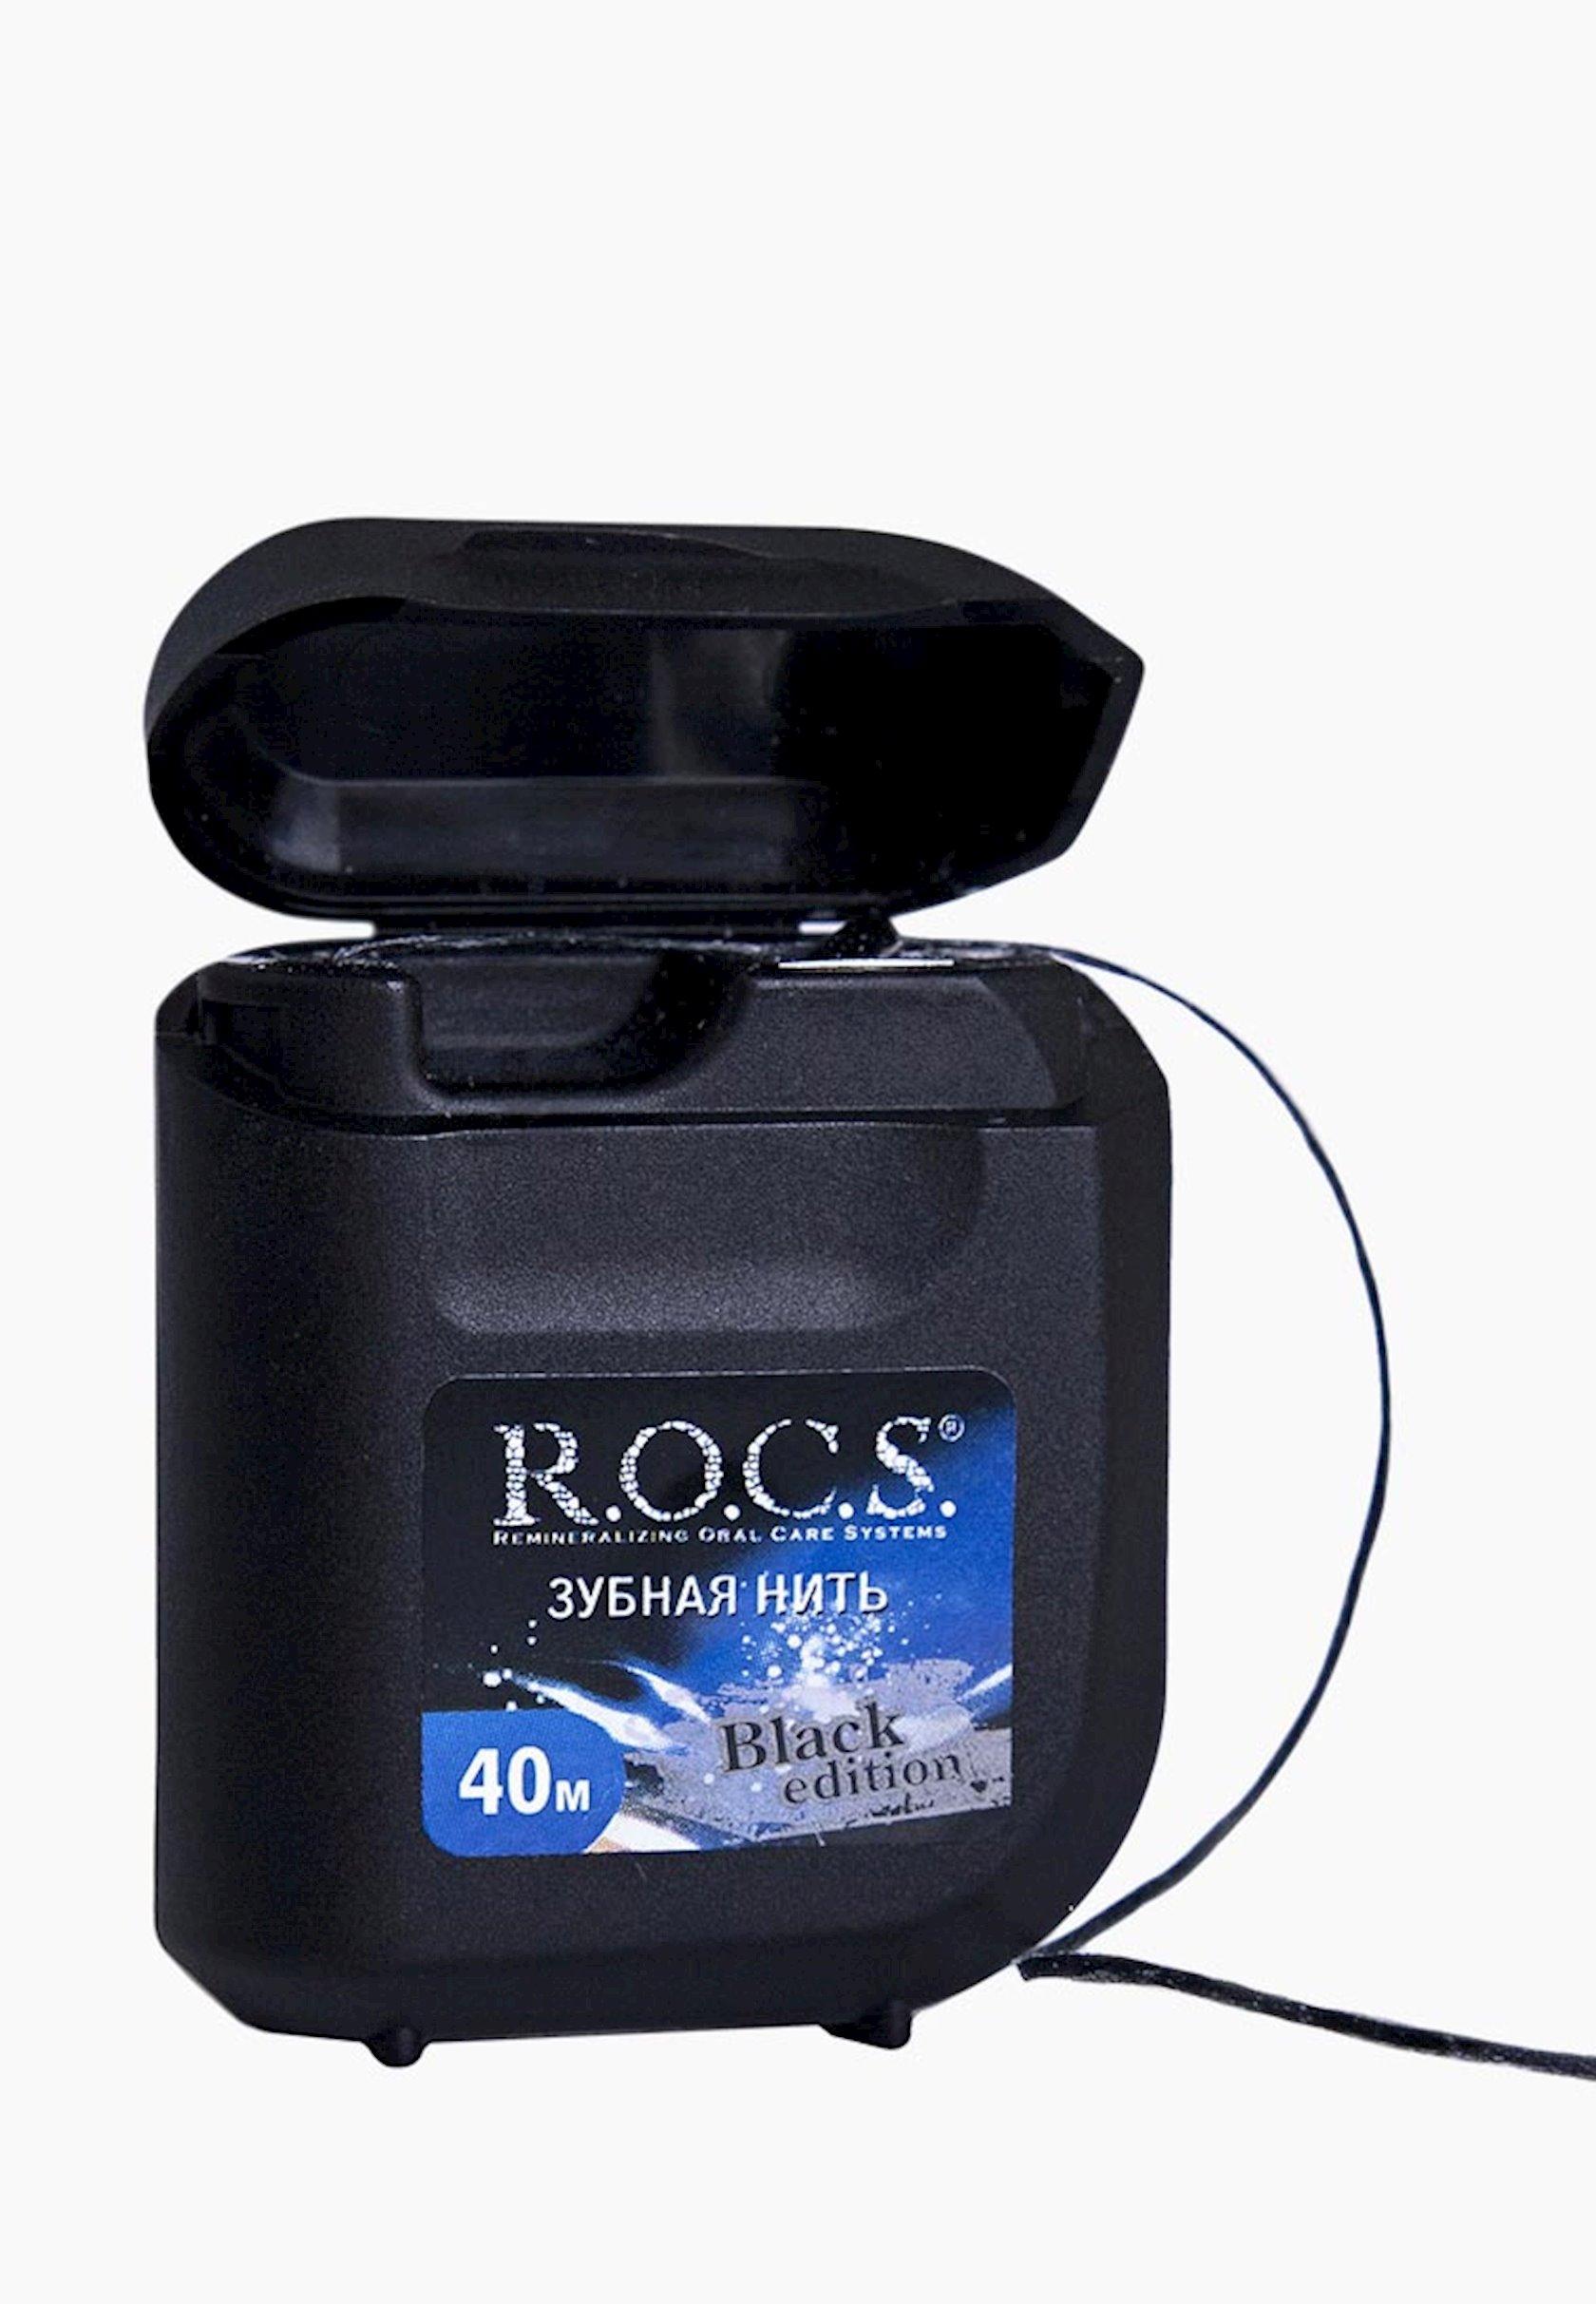 Diş ipi R.O.C.S. black edition 40m